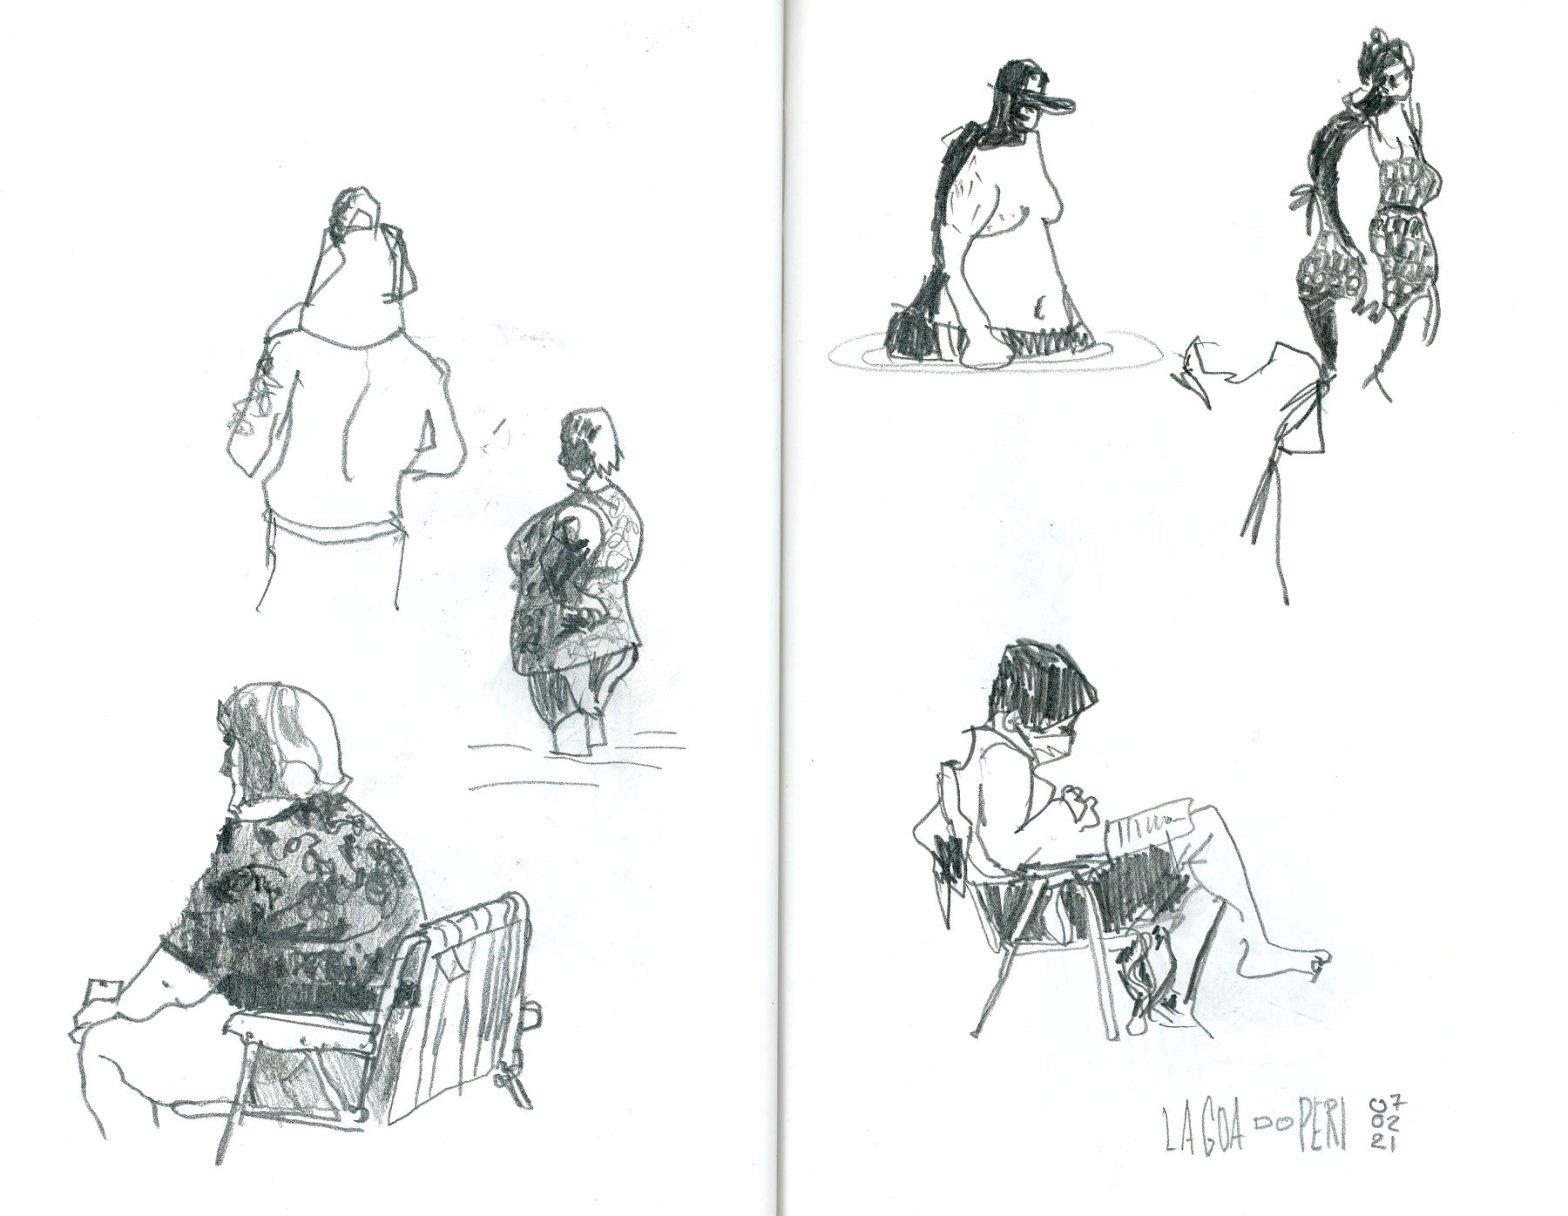 Página dupla de caderno mostrando seis pequenos desenhos de pessoas na praia. Alguns sentados na cadeira, outros em pé dentro d'água